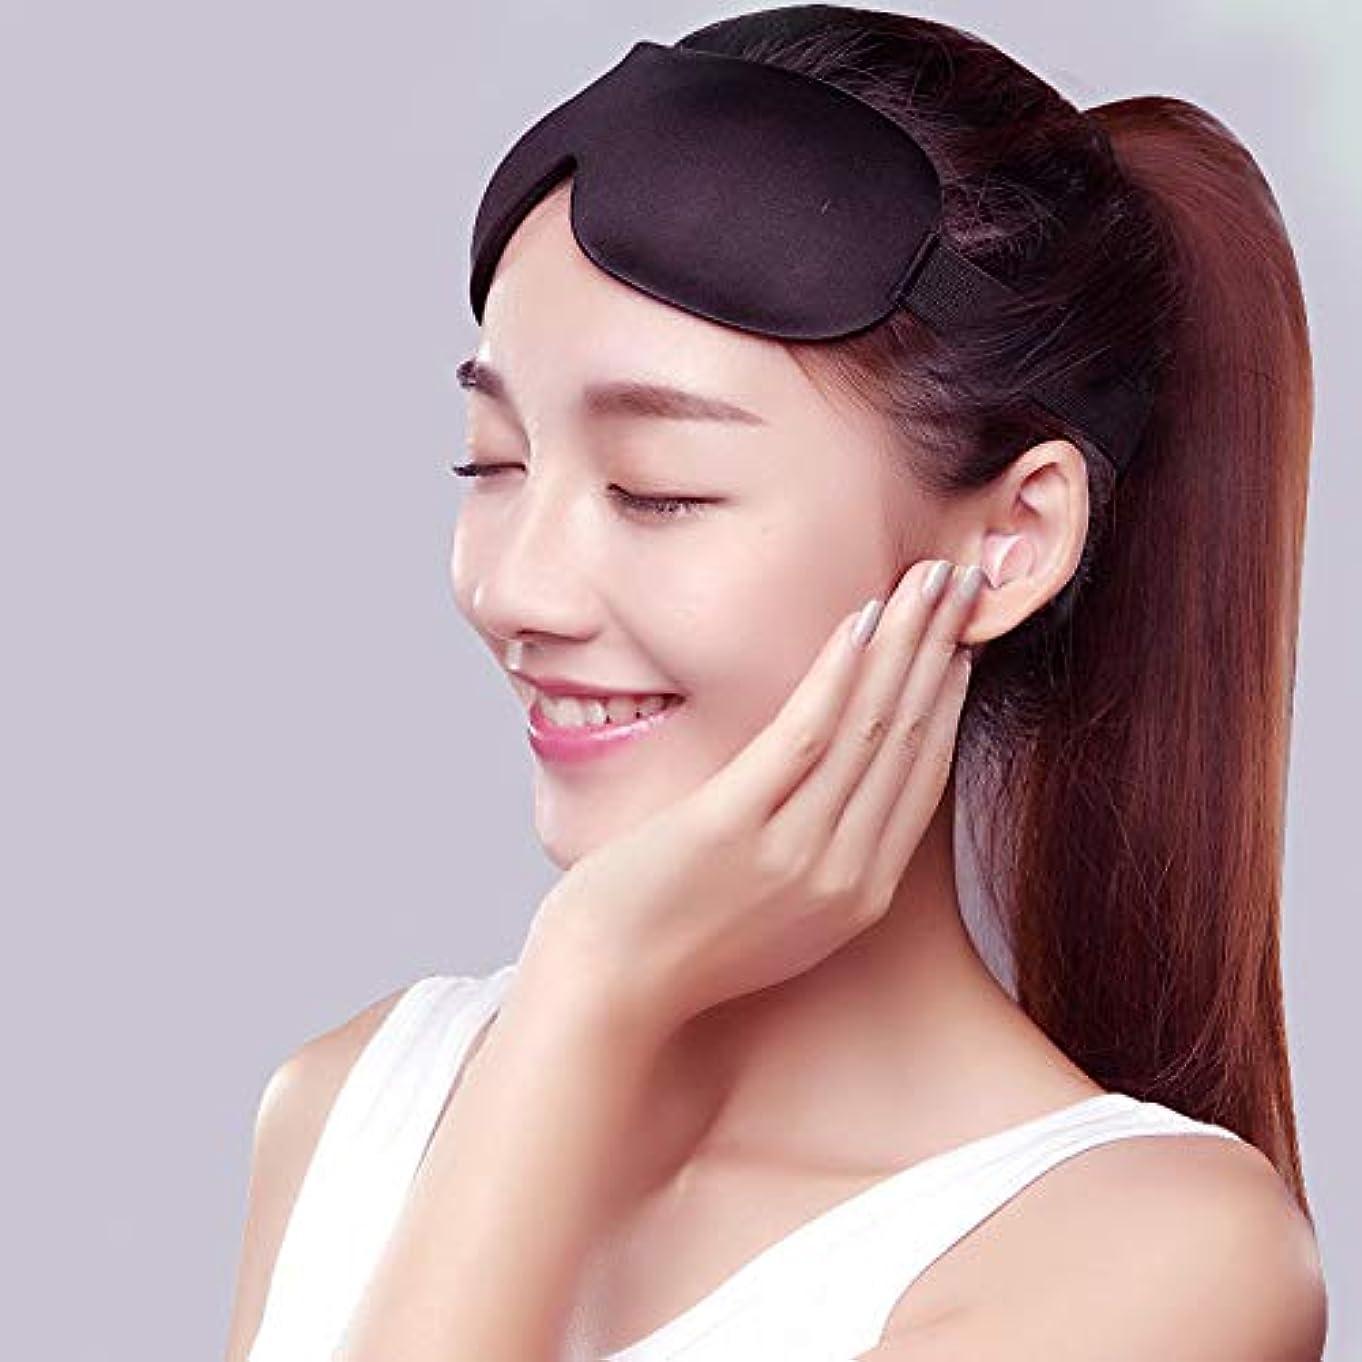 セラー桁再生可能メモアイシェード睡眠防音性耳栓ミュートアンチいびき睡眠アイマスクSZ